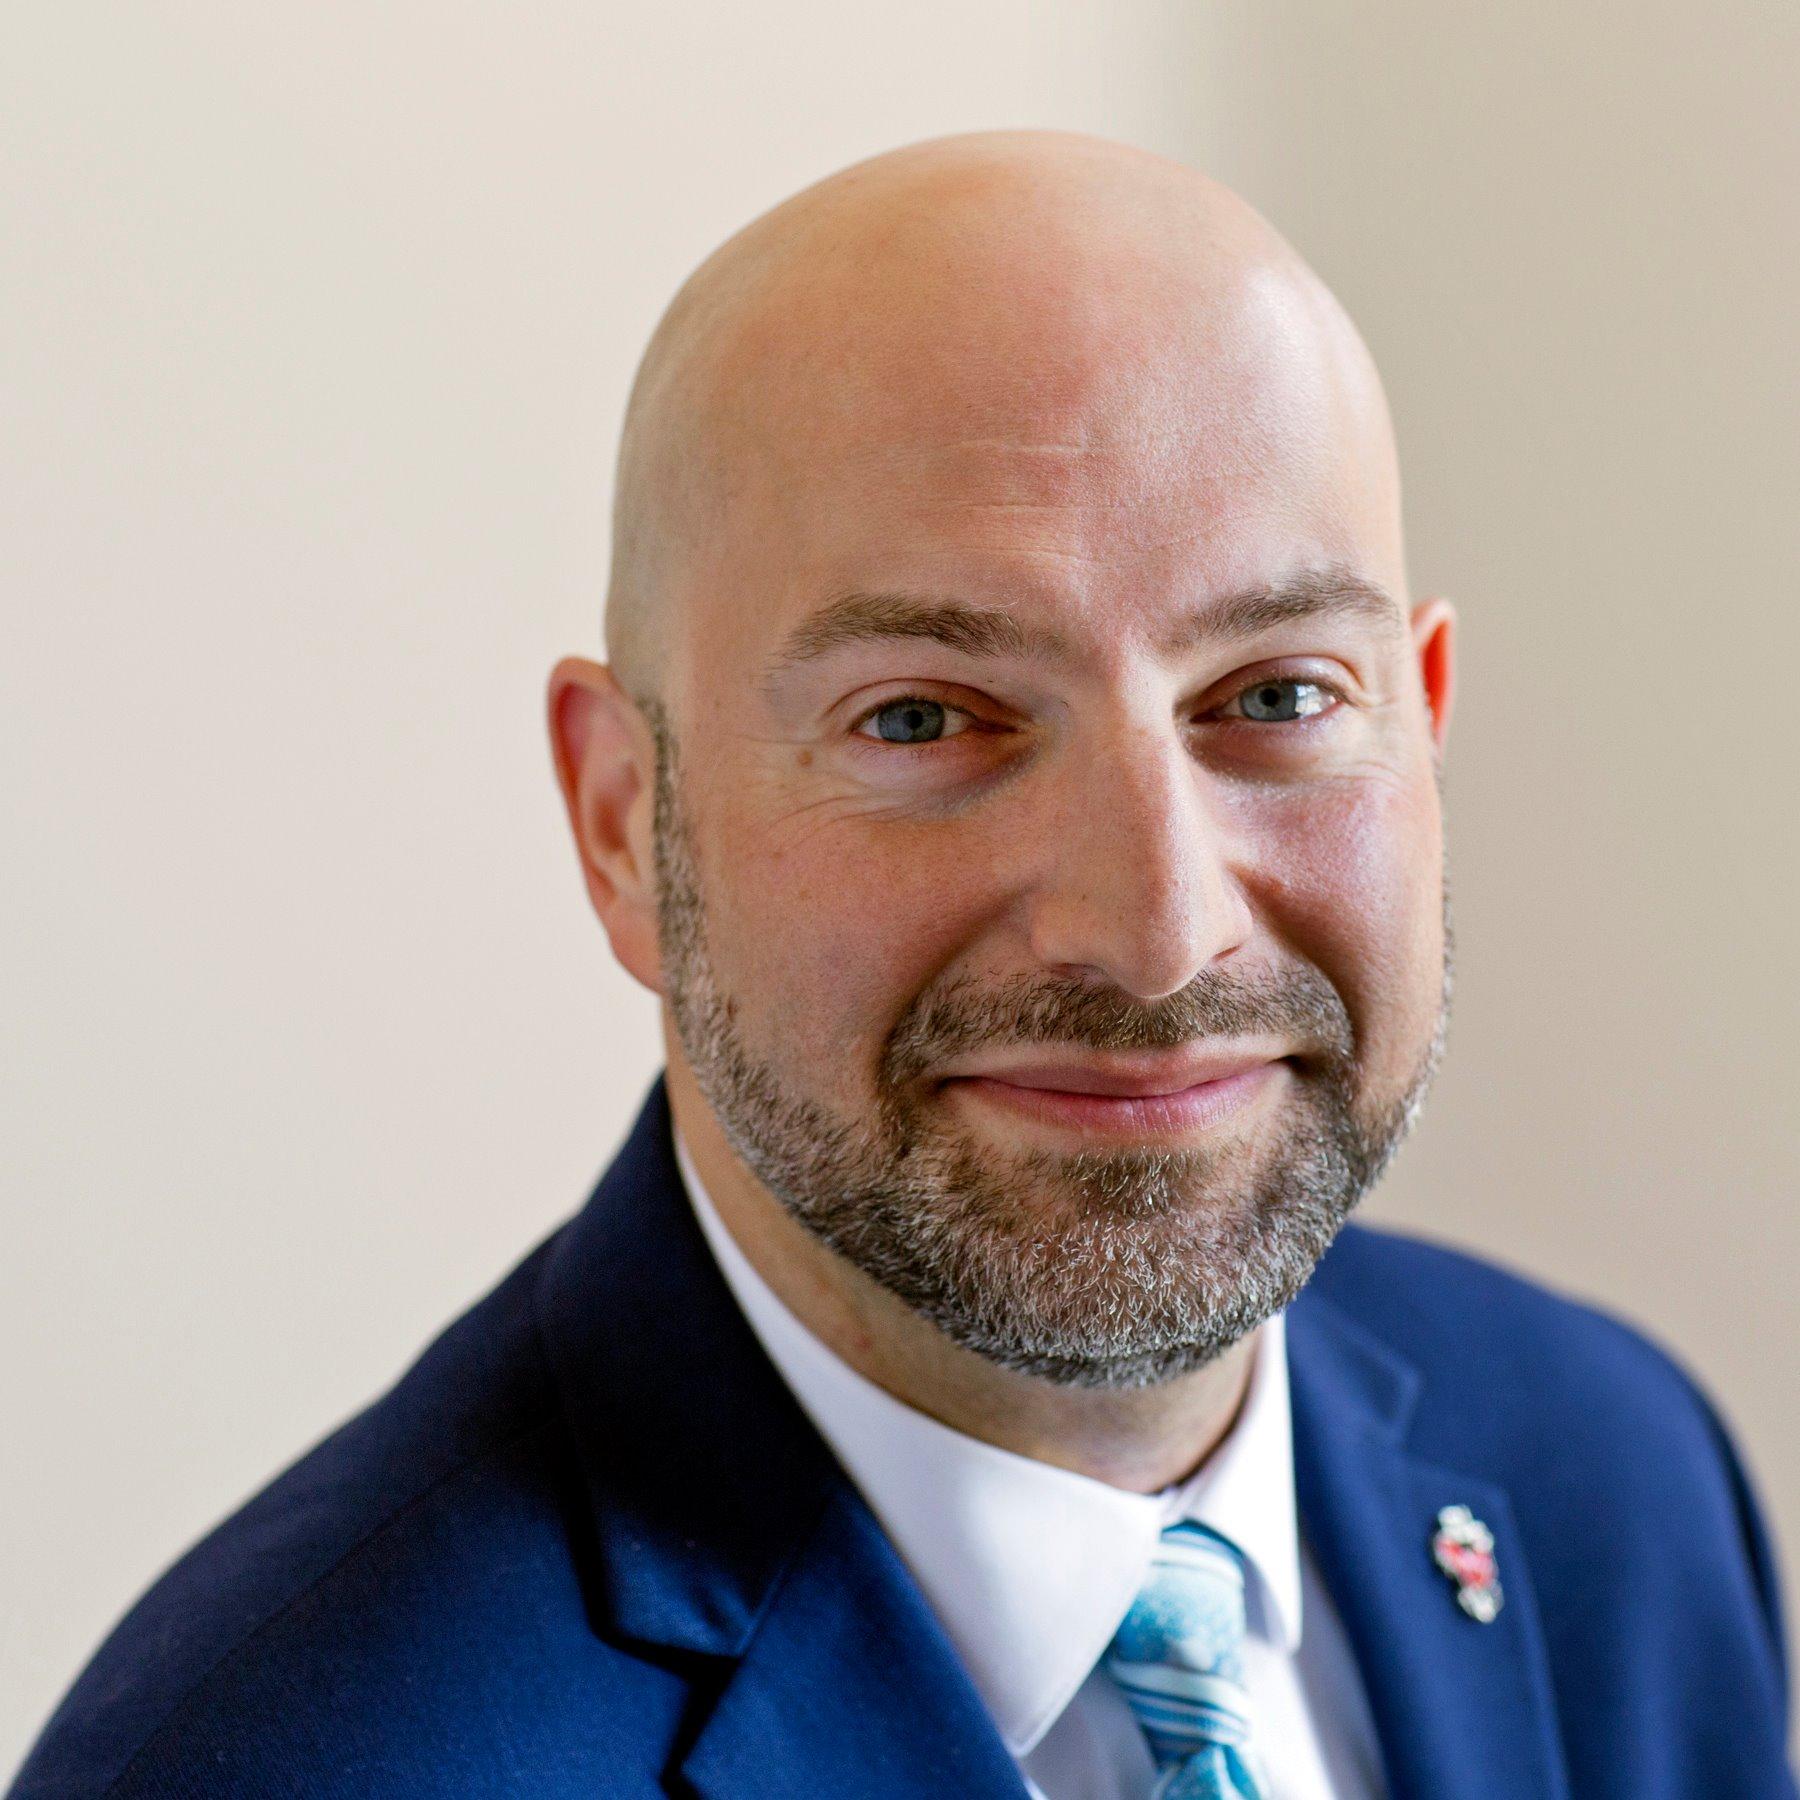 David Dadekian